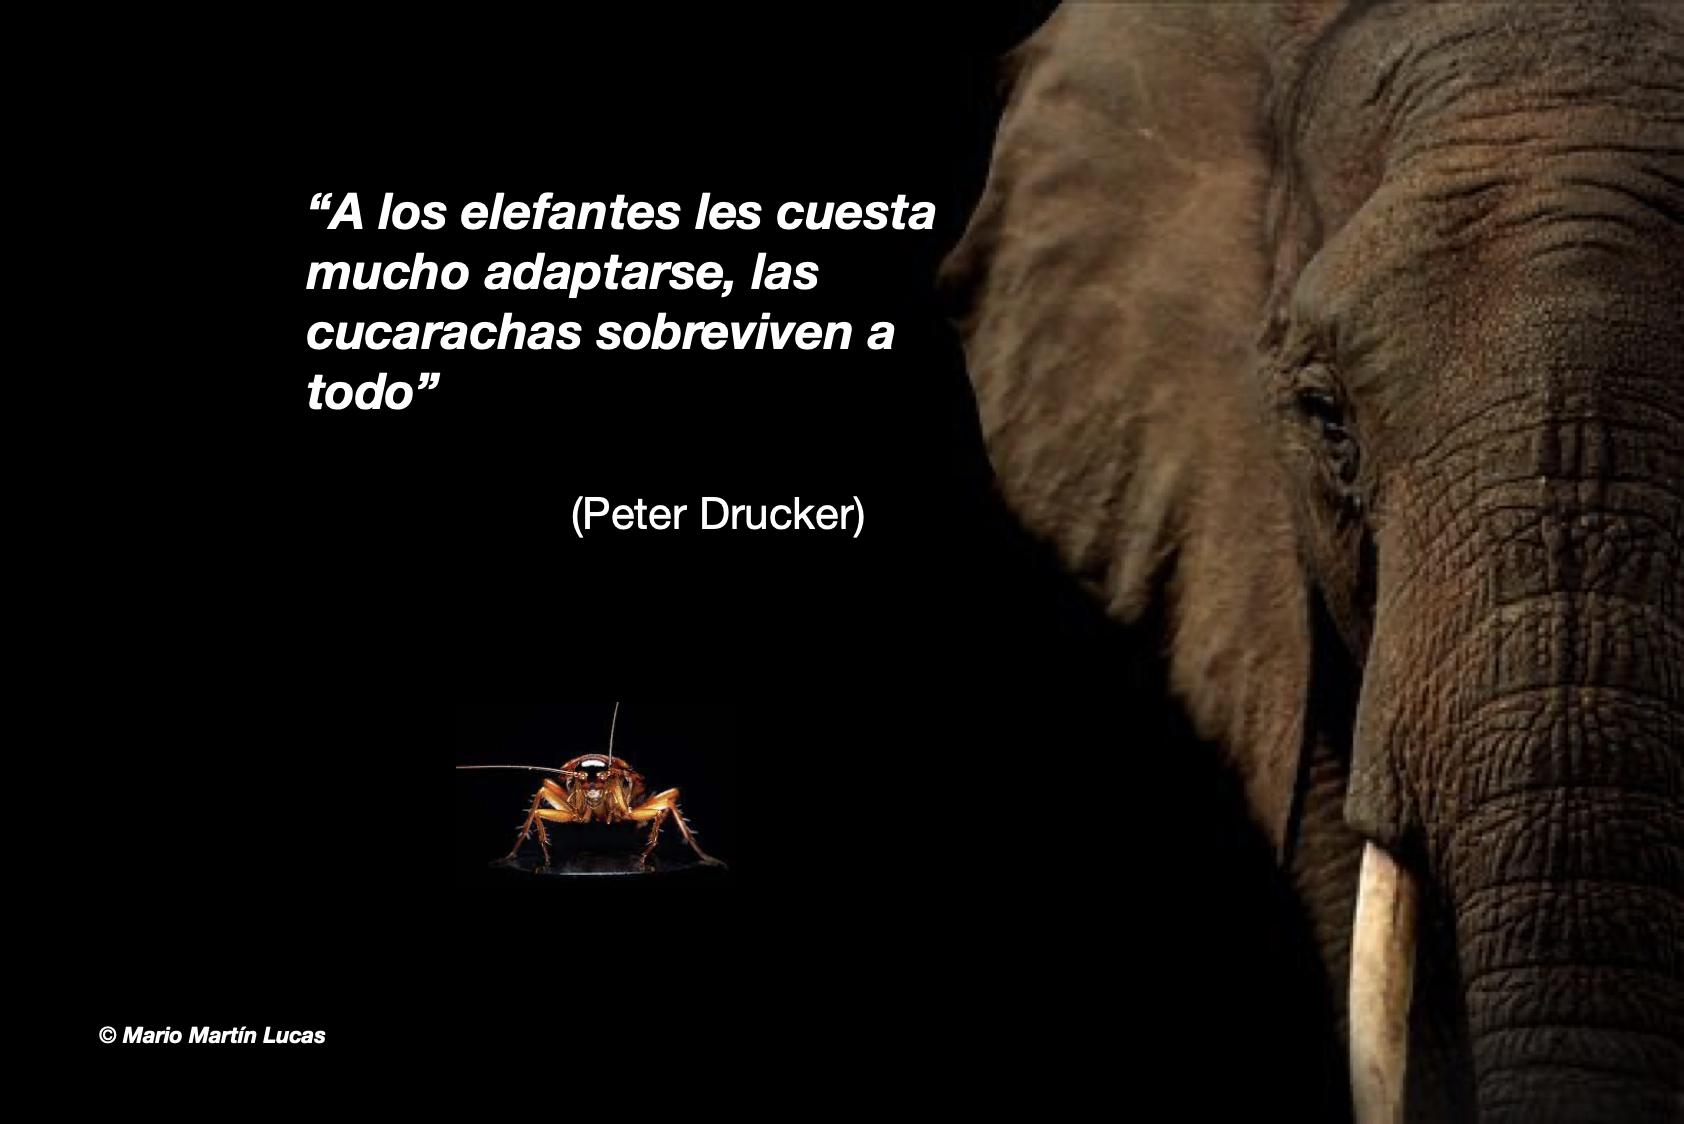 Elefantes y cucarachas